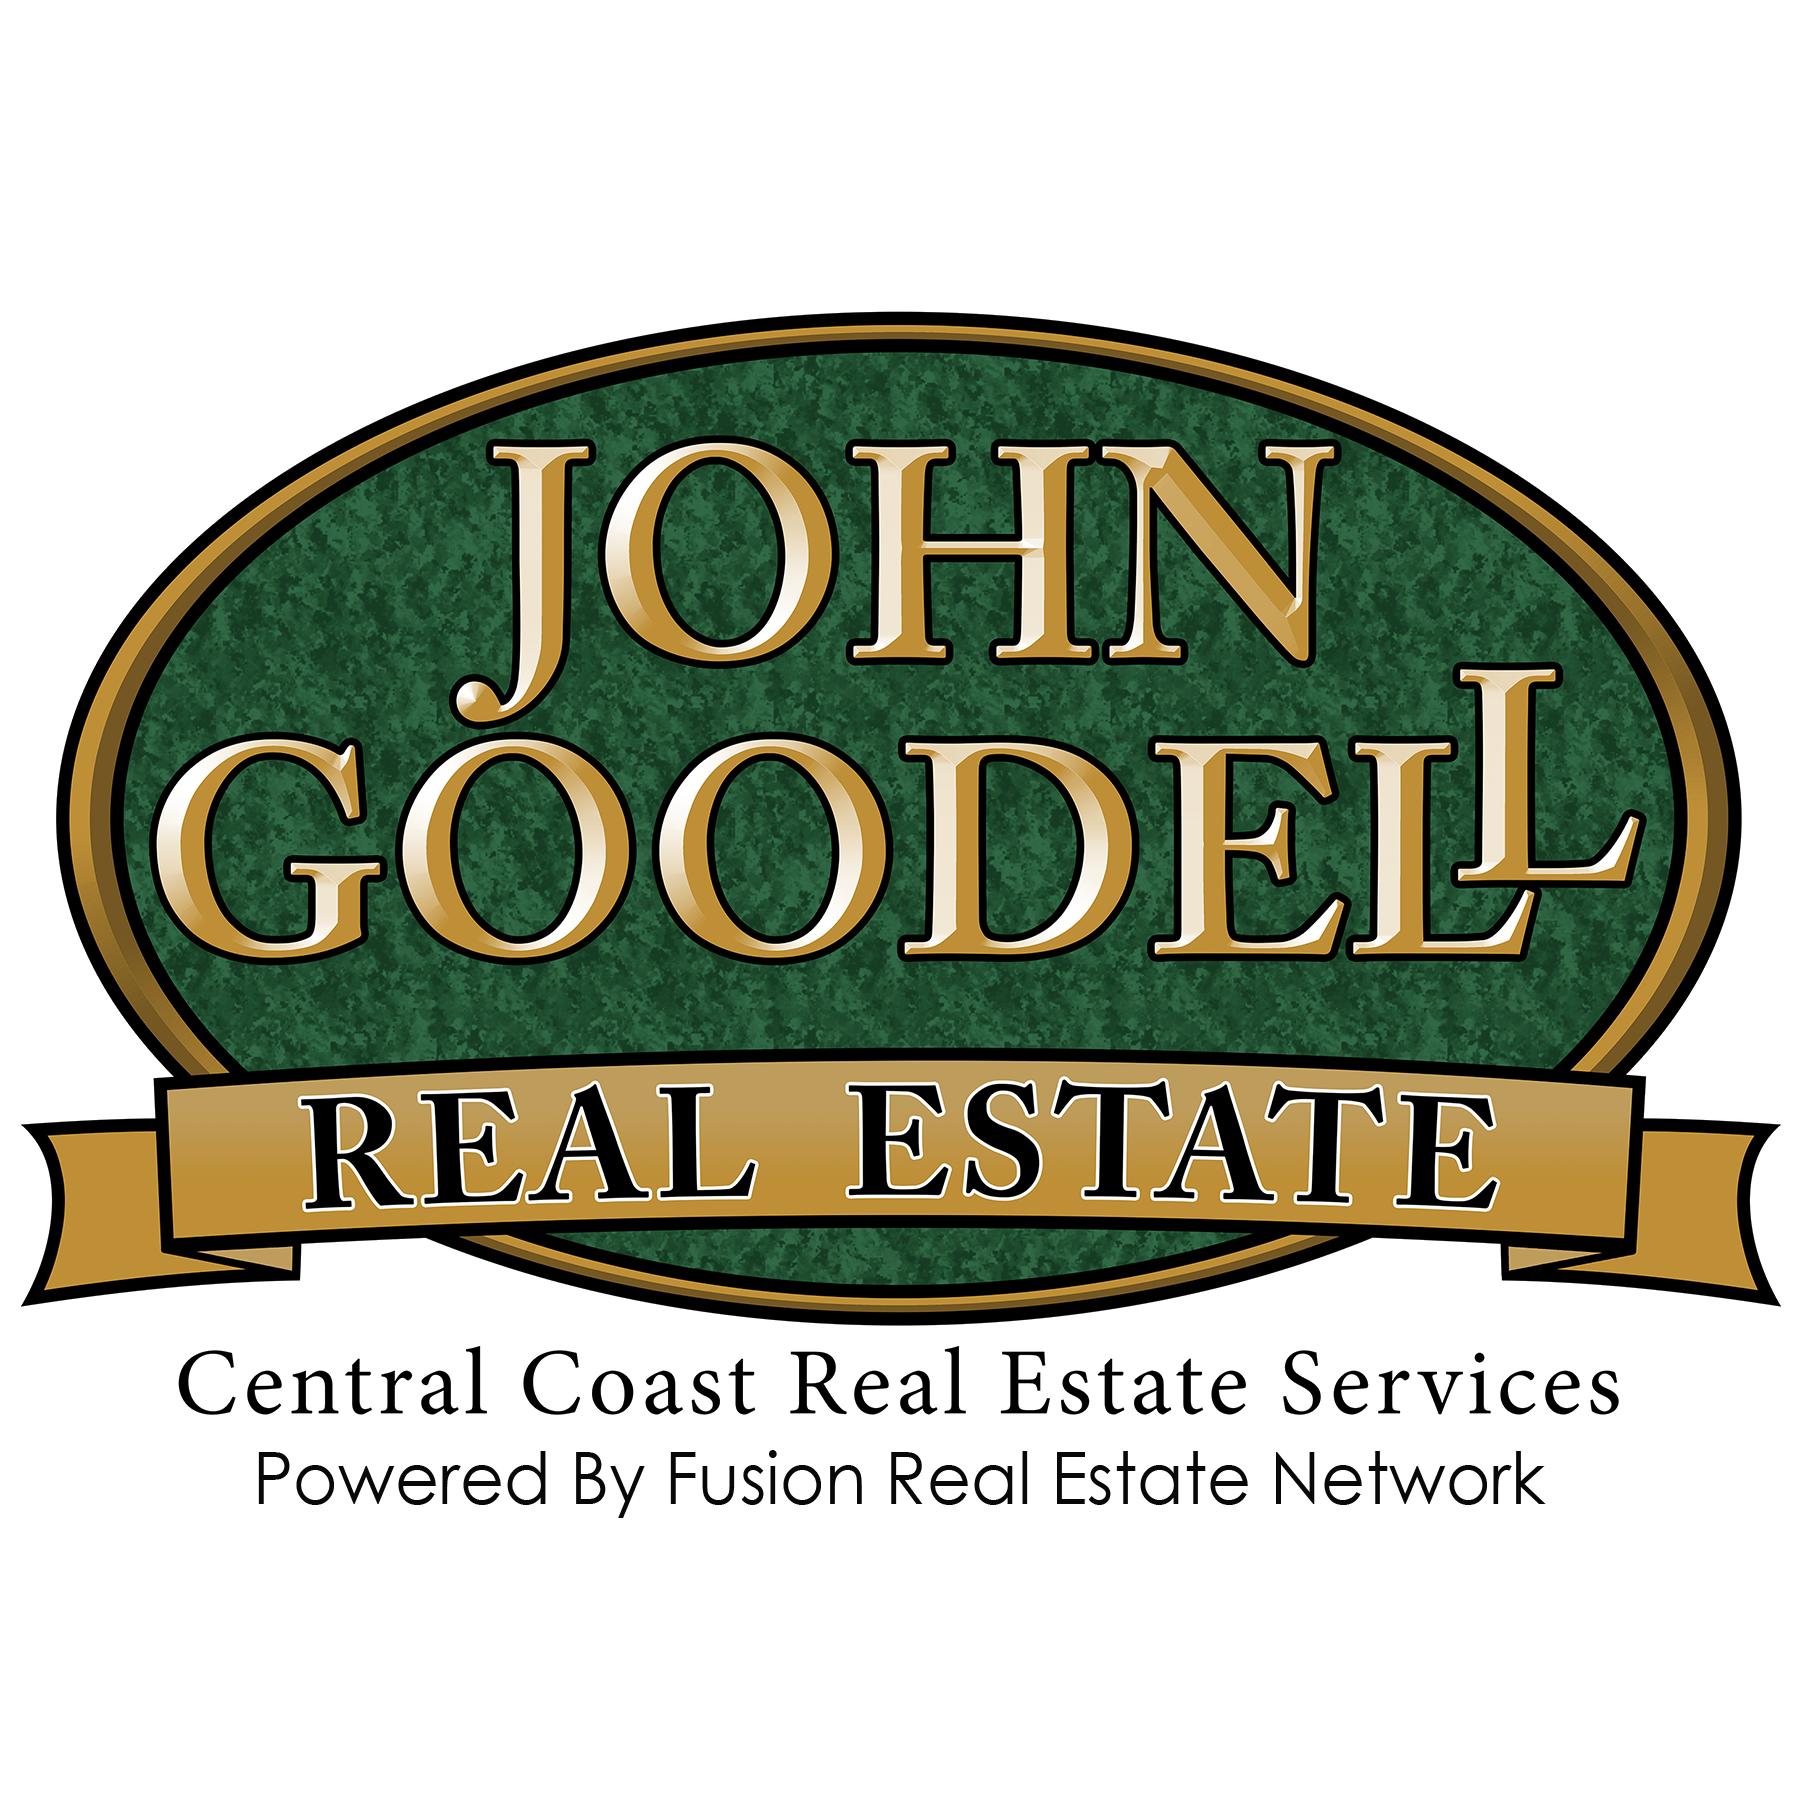 John Goodell Real Estate